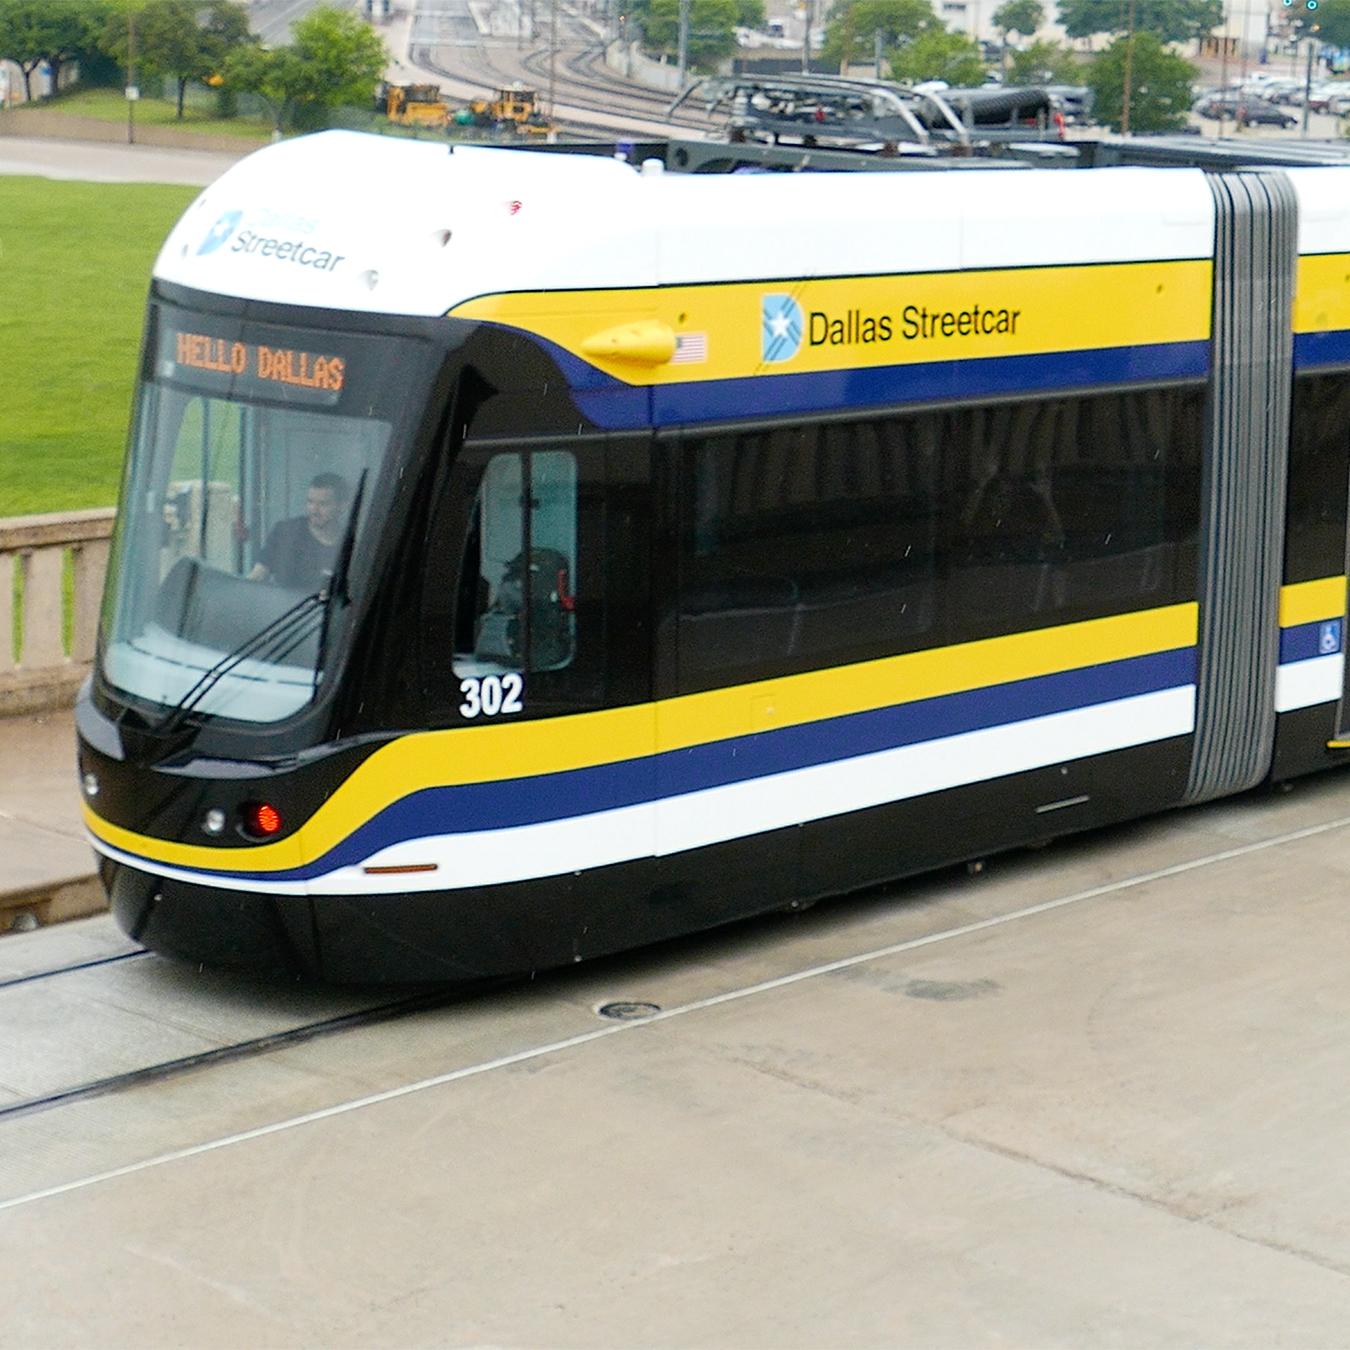 Use the Dallas streetcar!